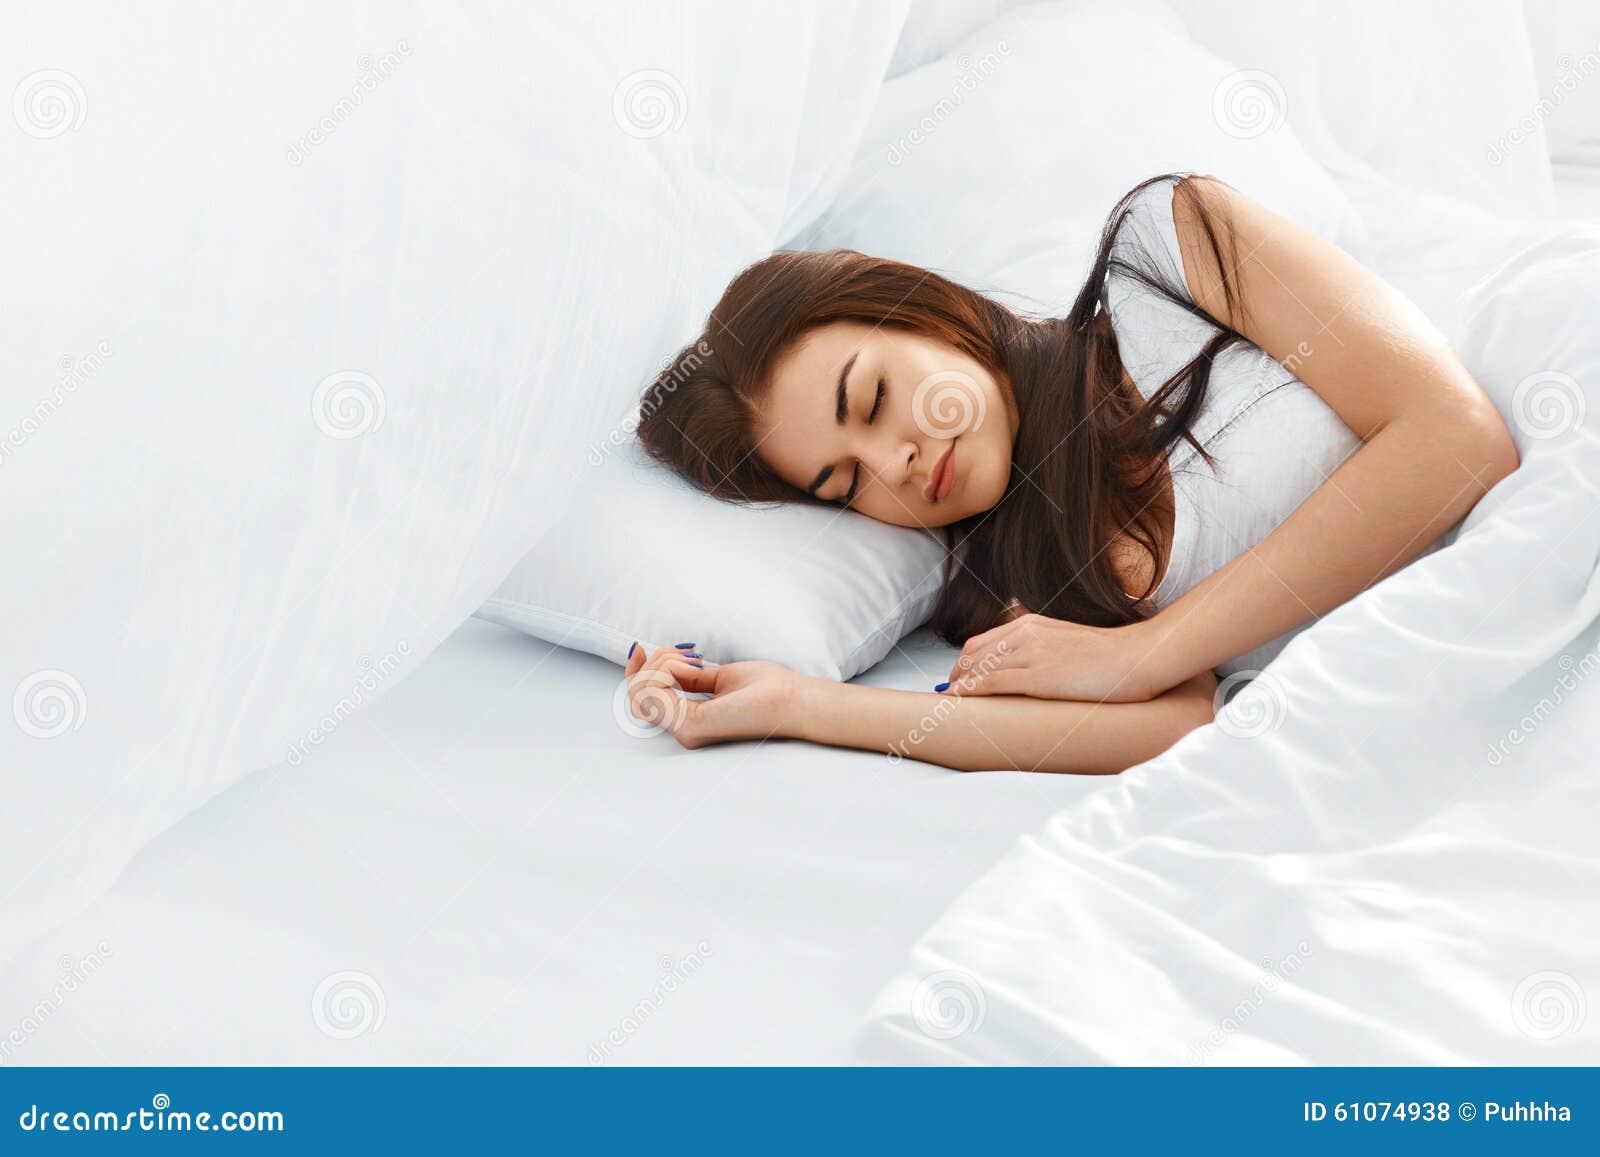 Фото девка спальне фото 601-147